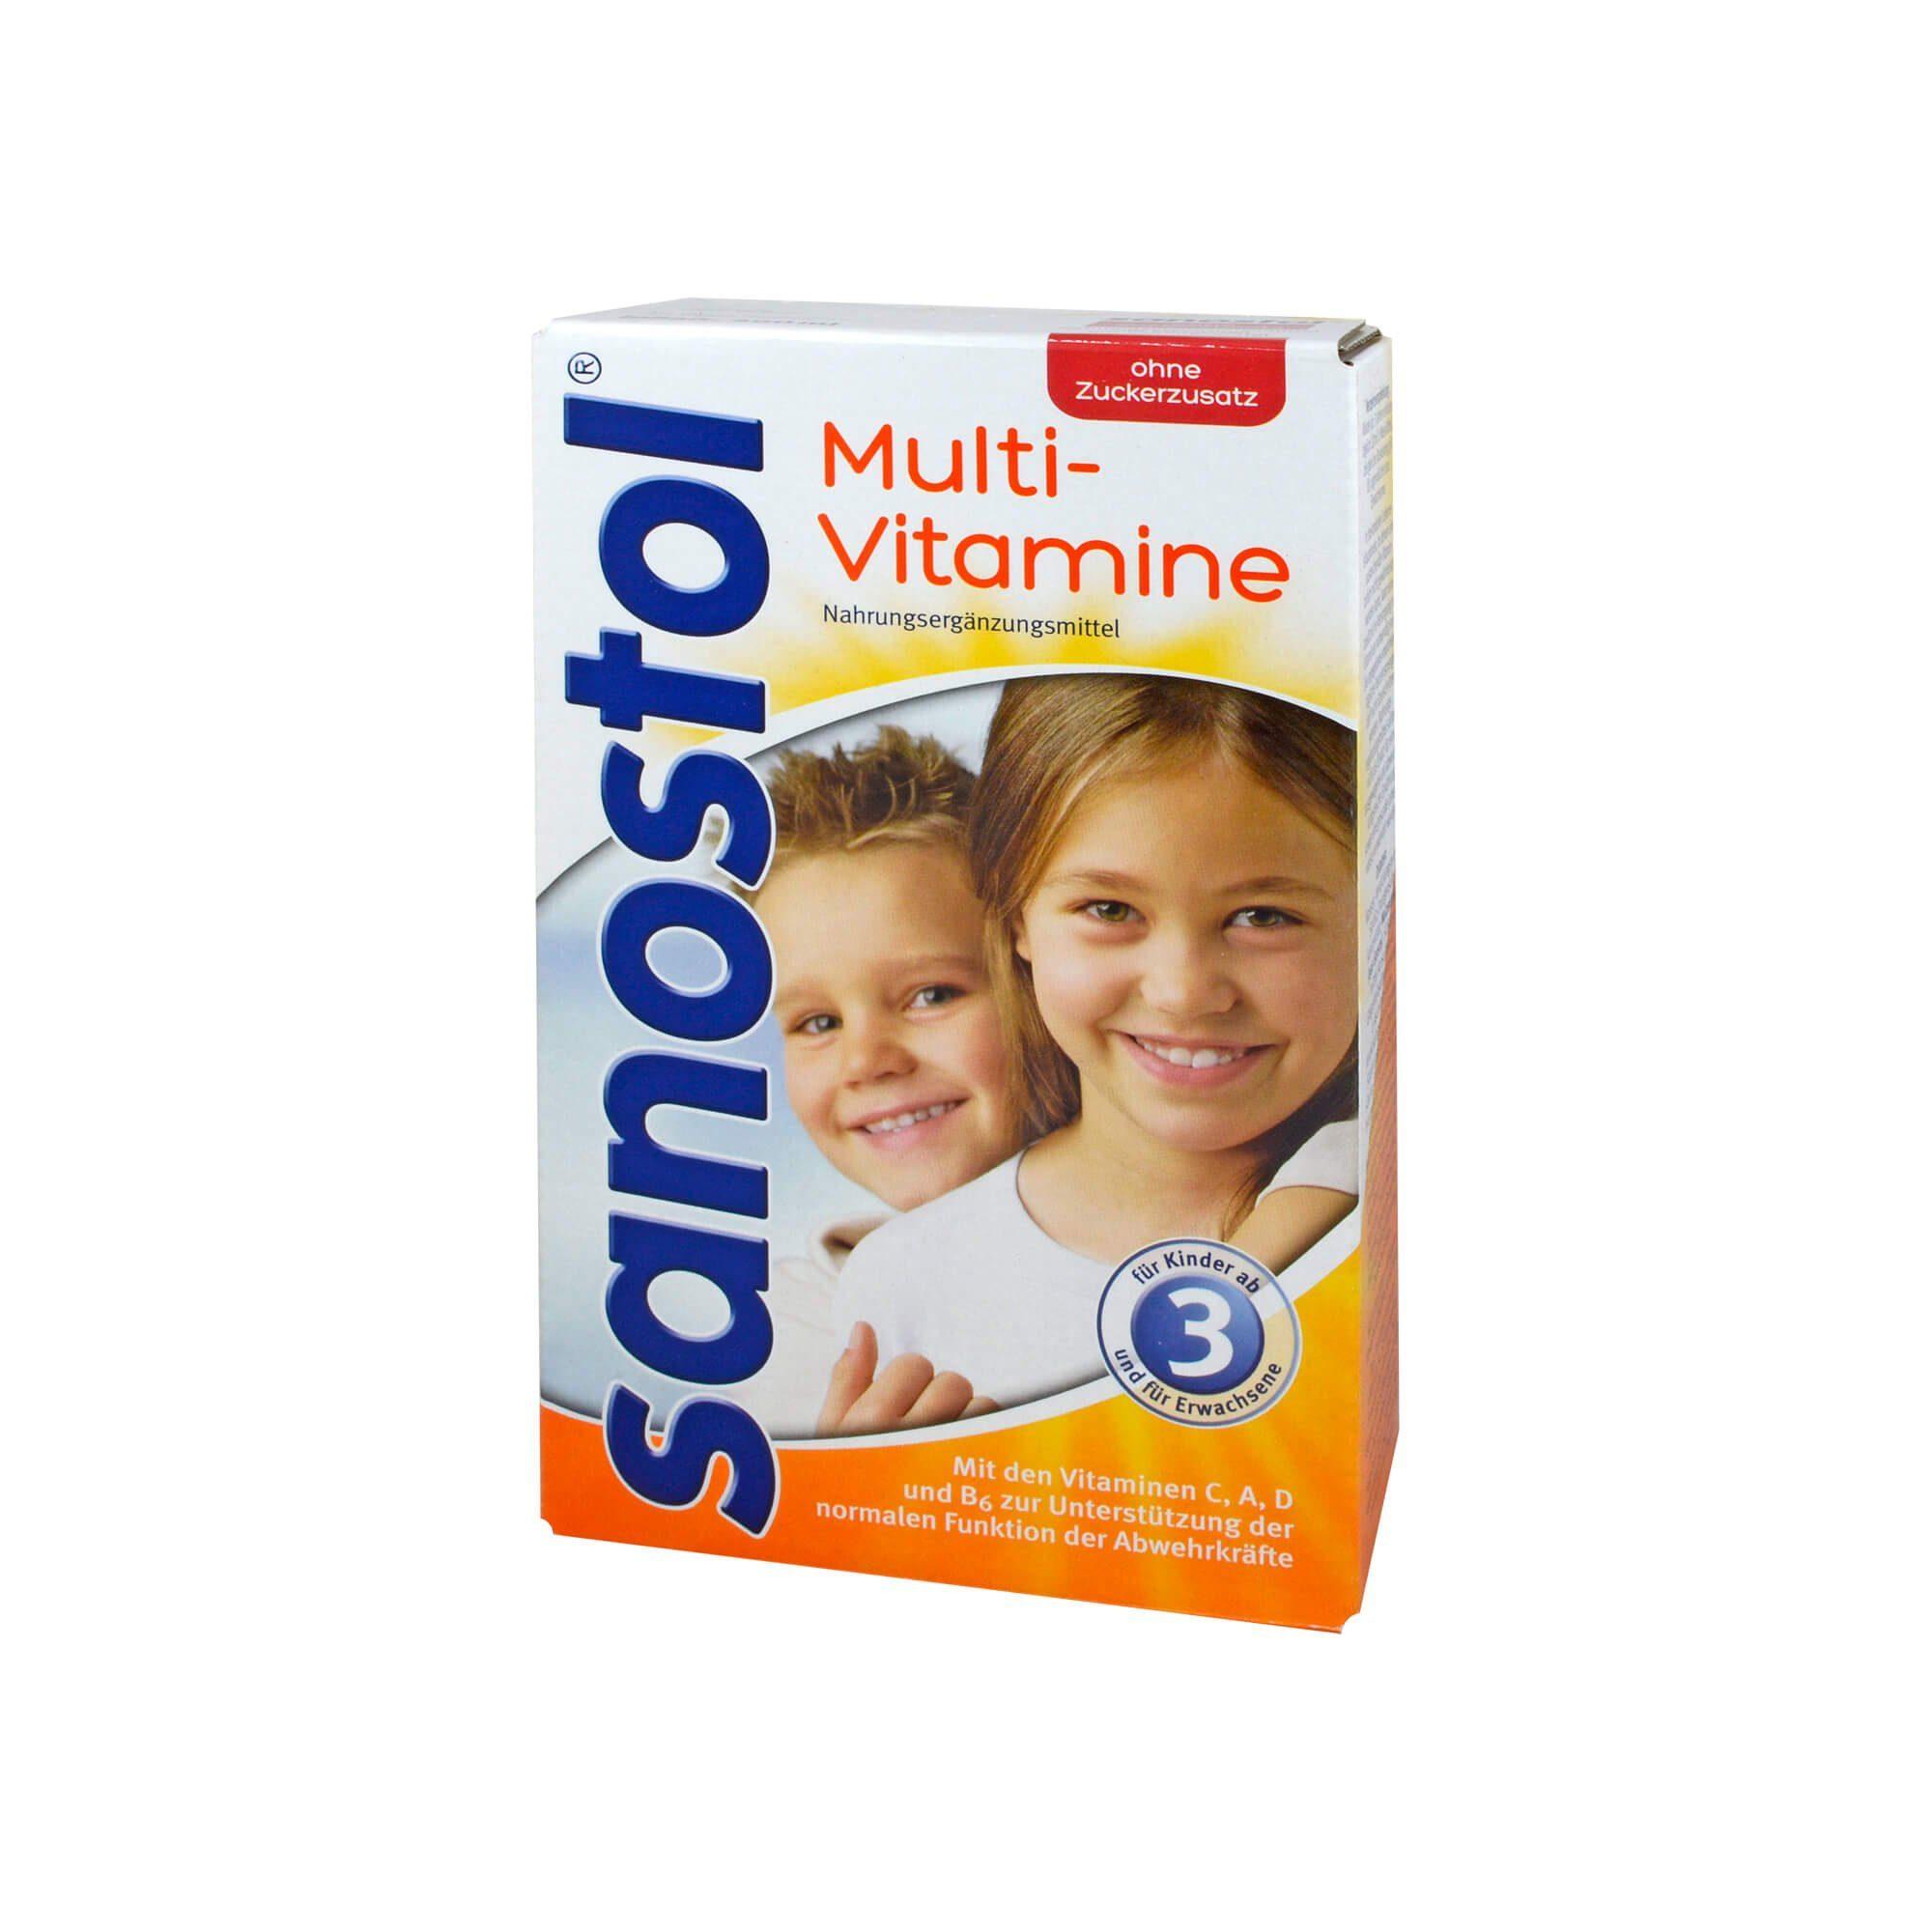 SANOSTOL Sanostol Multi-Vitamin Saft ohne Zuckerzusatz, 460 ml